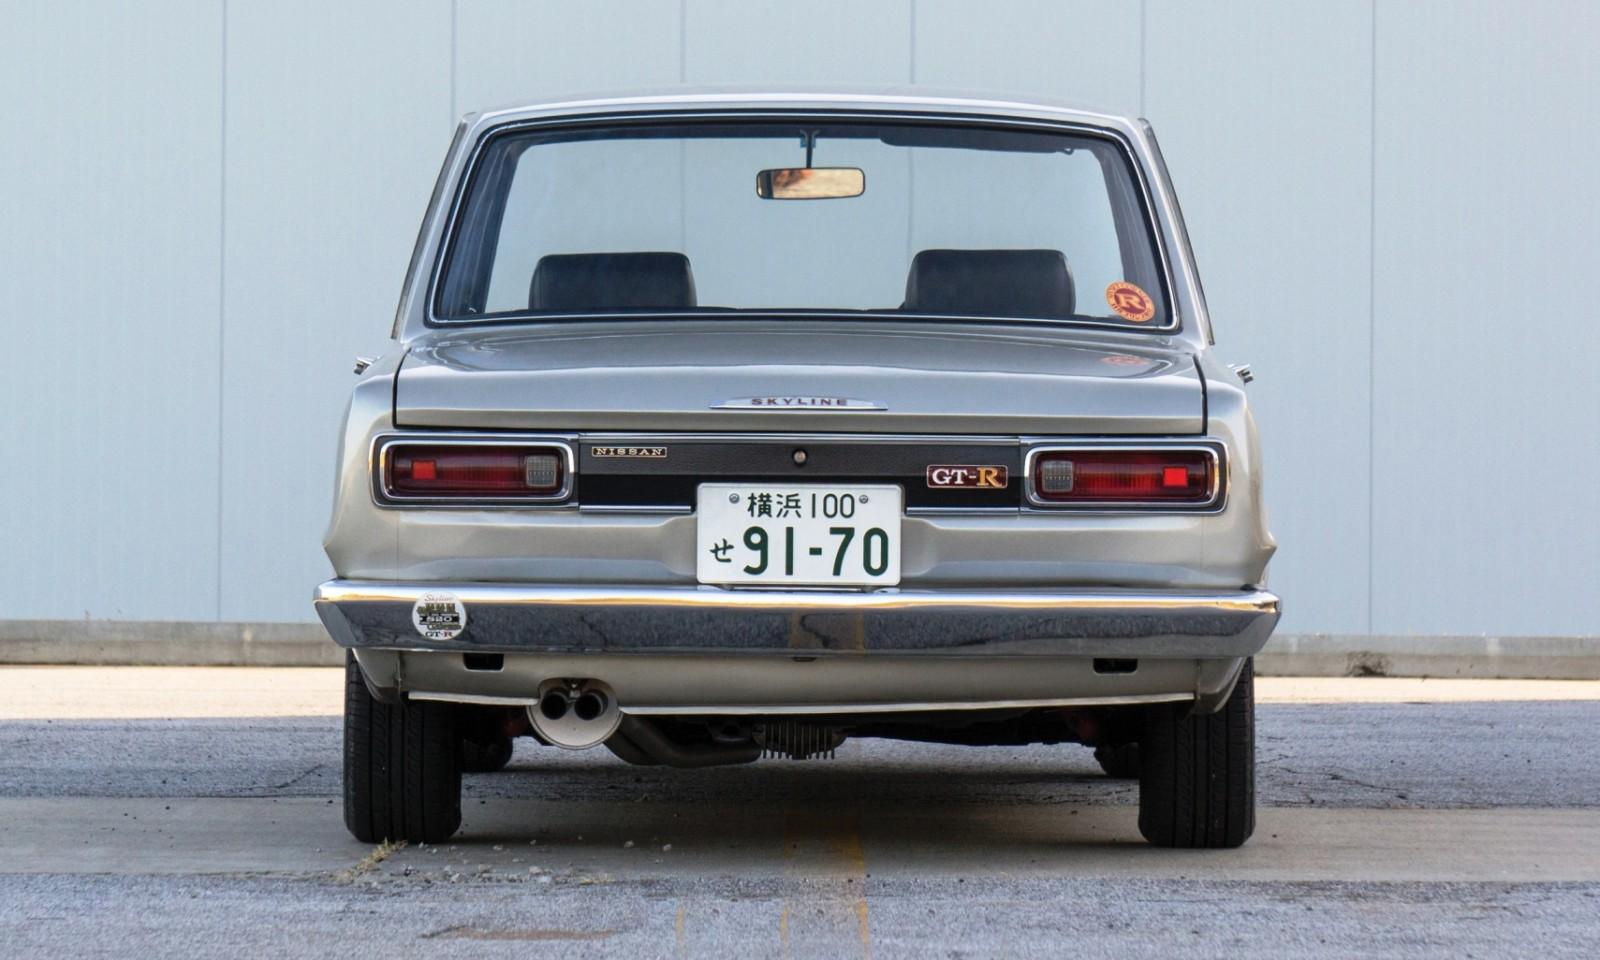 1970 nissan skyline 2000gt choice image hd cars wallpaper 1970 nissan skyline 2000 gt r hakosuka sedan 20 1970 nissan skyline 2000 gt r hakosuka vanachro Gallery